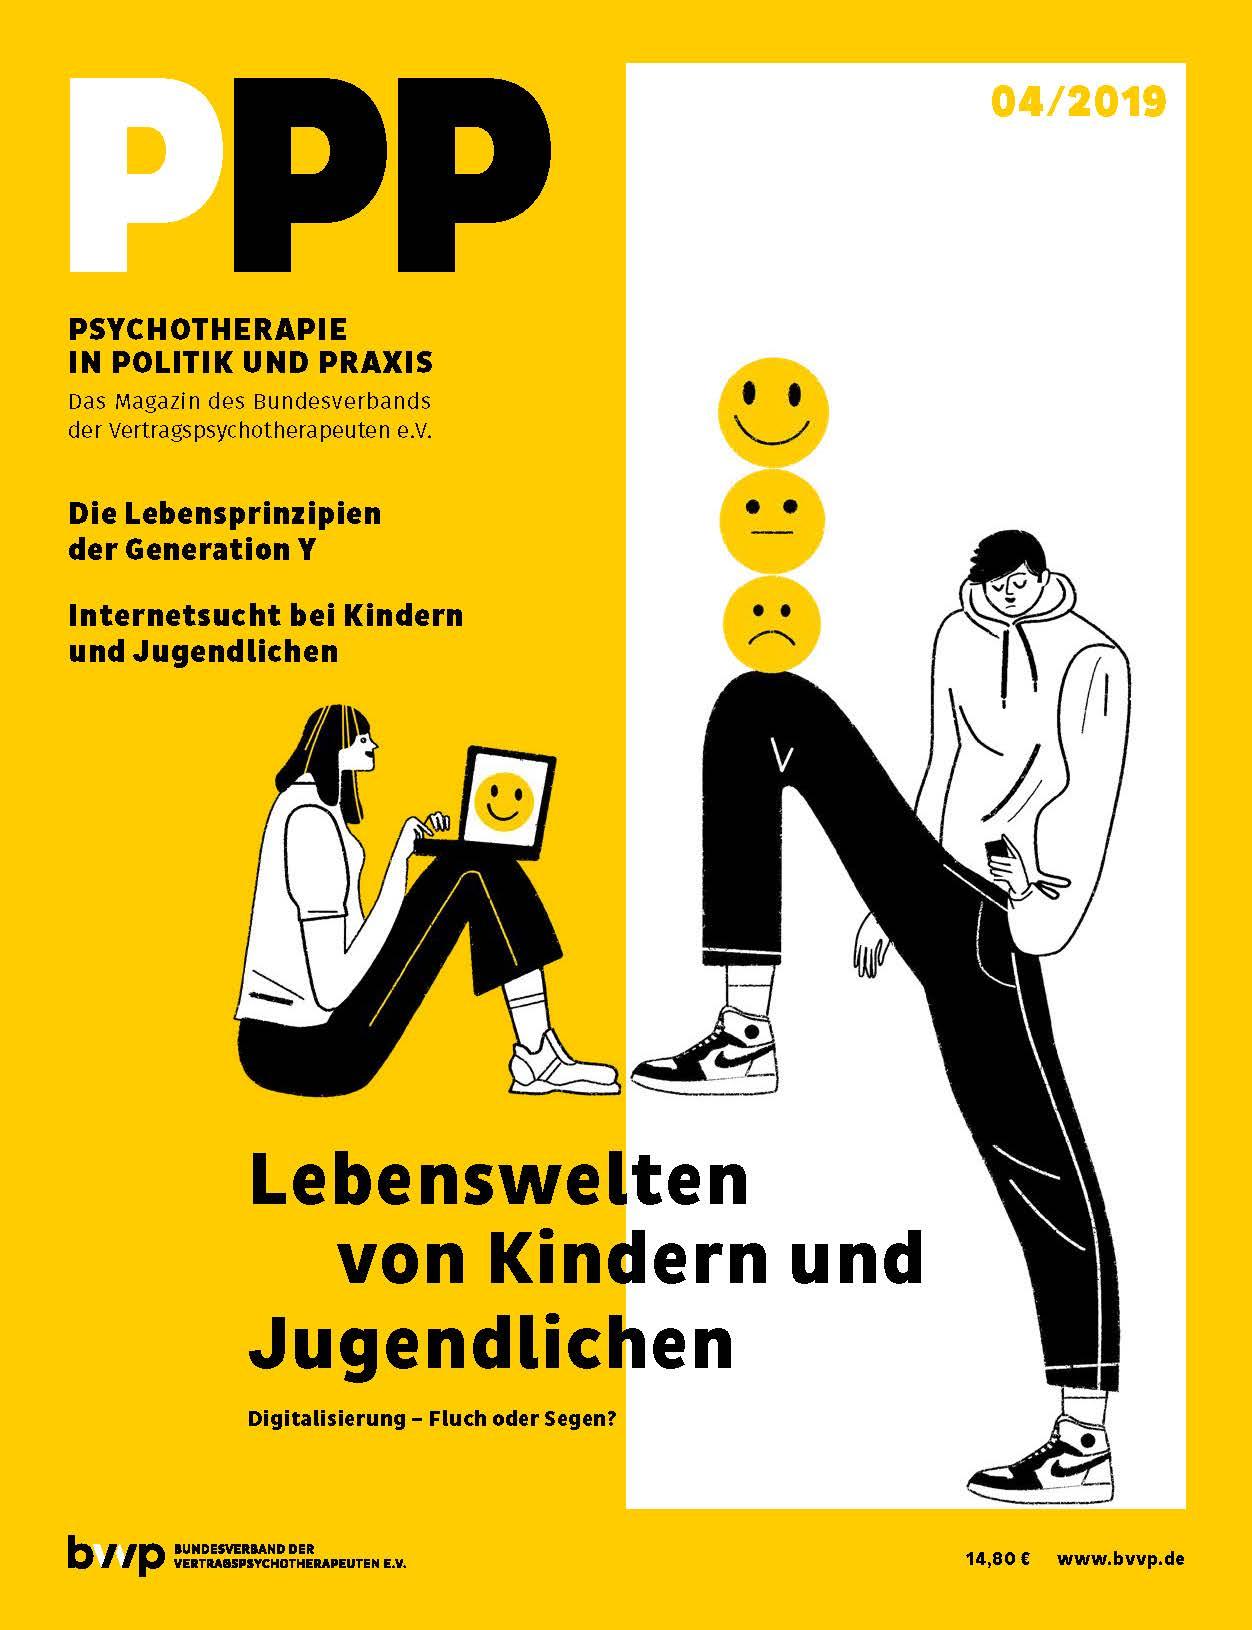 Psychotherapie in Politik und Praxis 04/2019